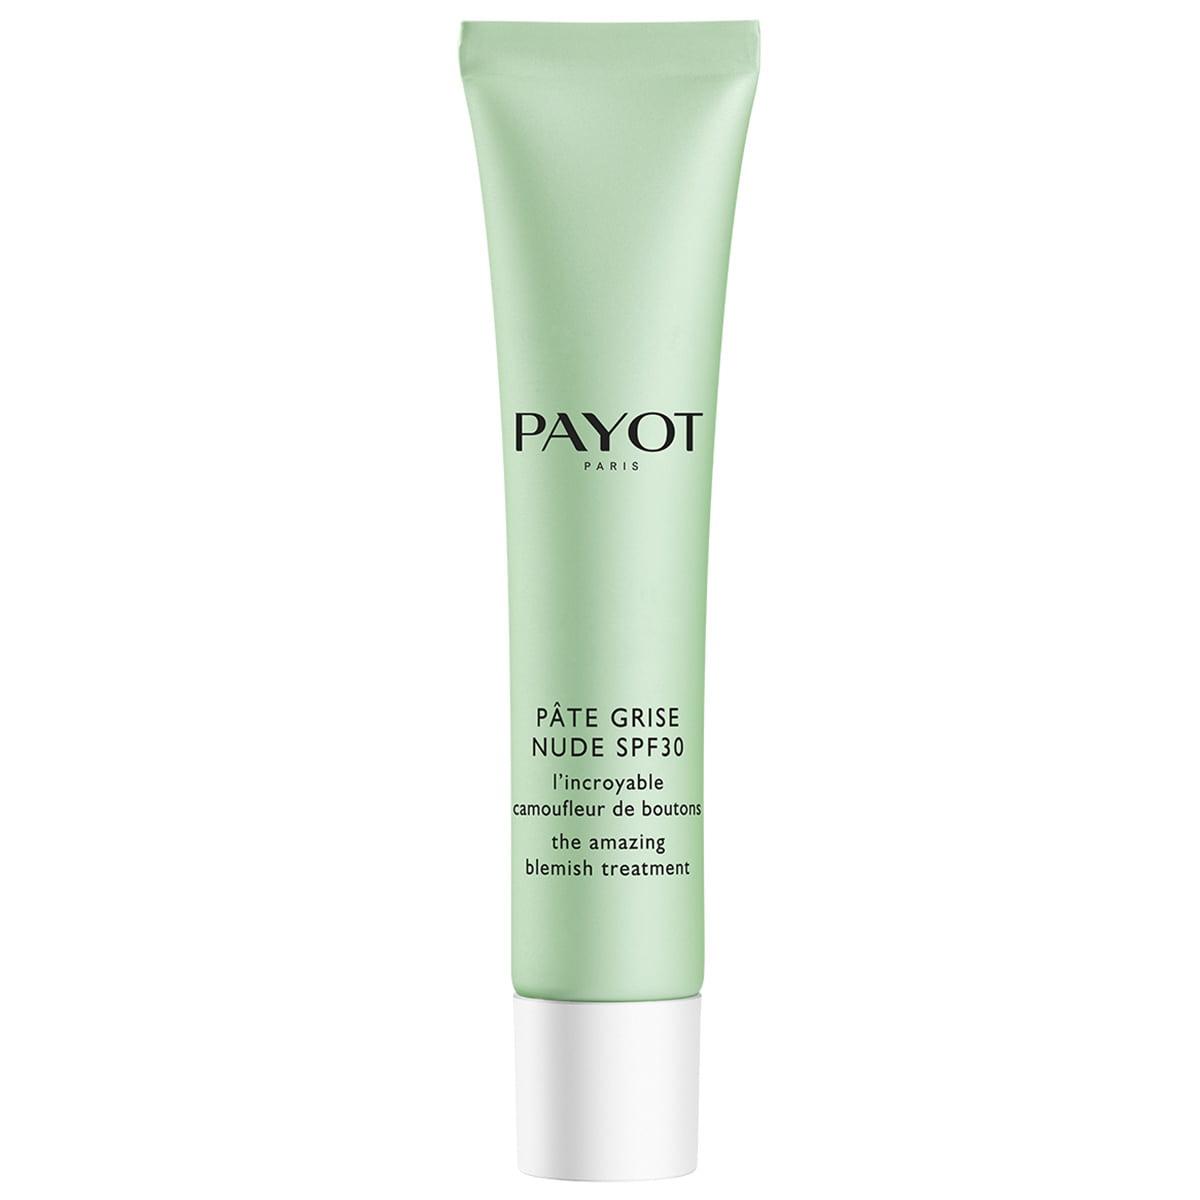 Payot - Pâte Grise Soin Nude Spf 30 - L'incroyable camoufleur de boutons